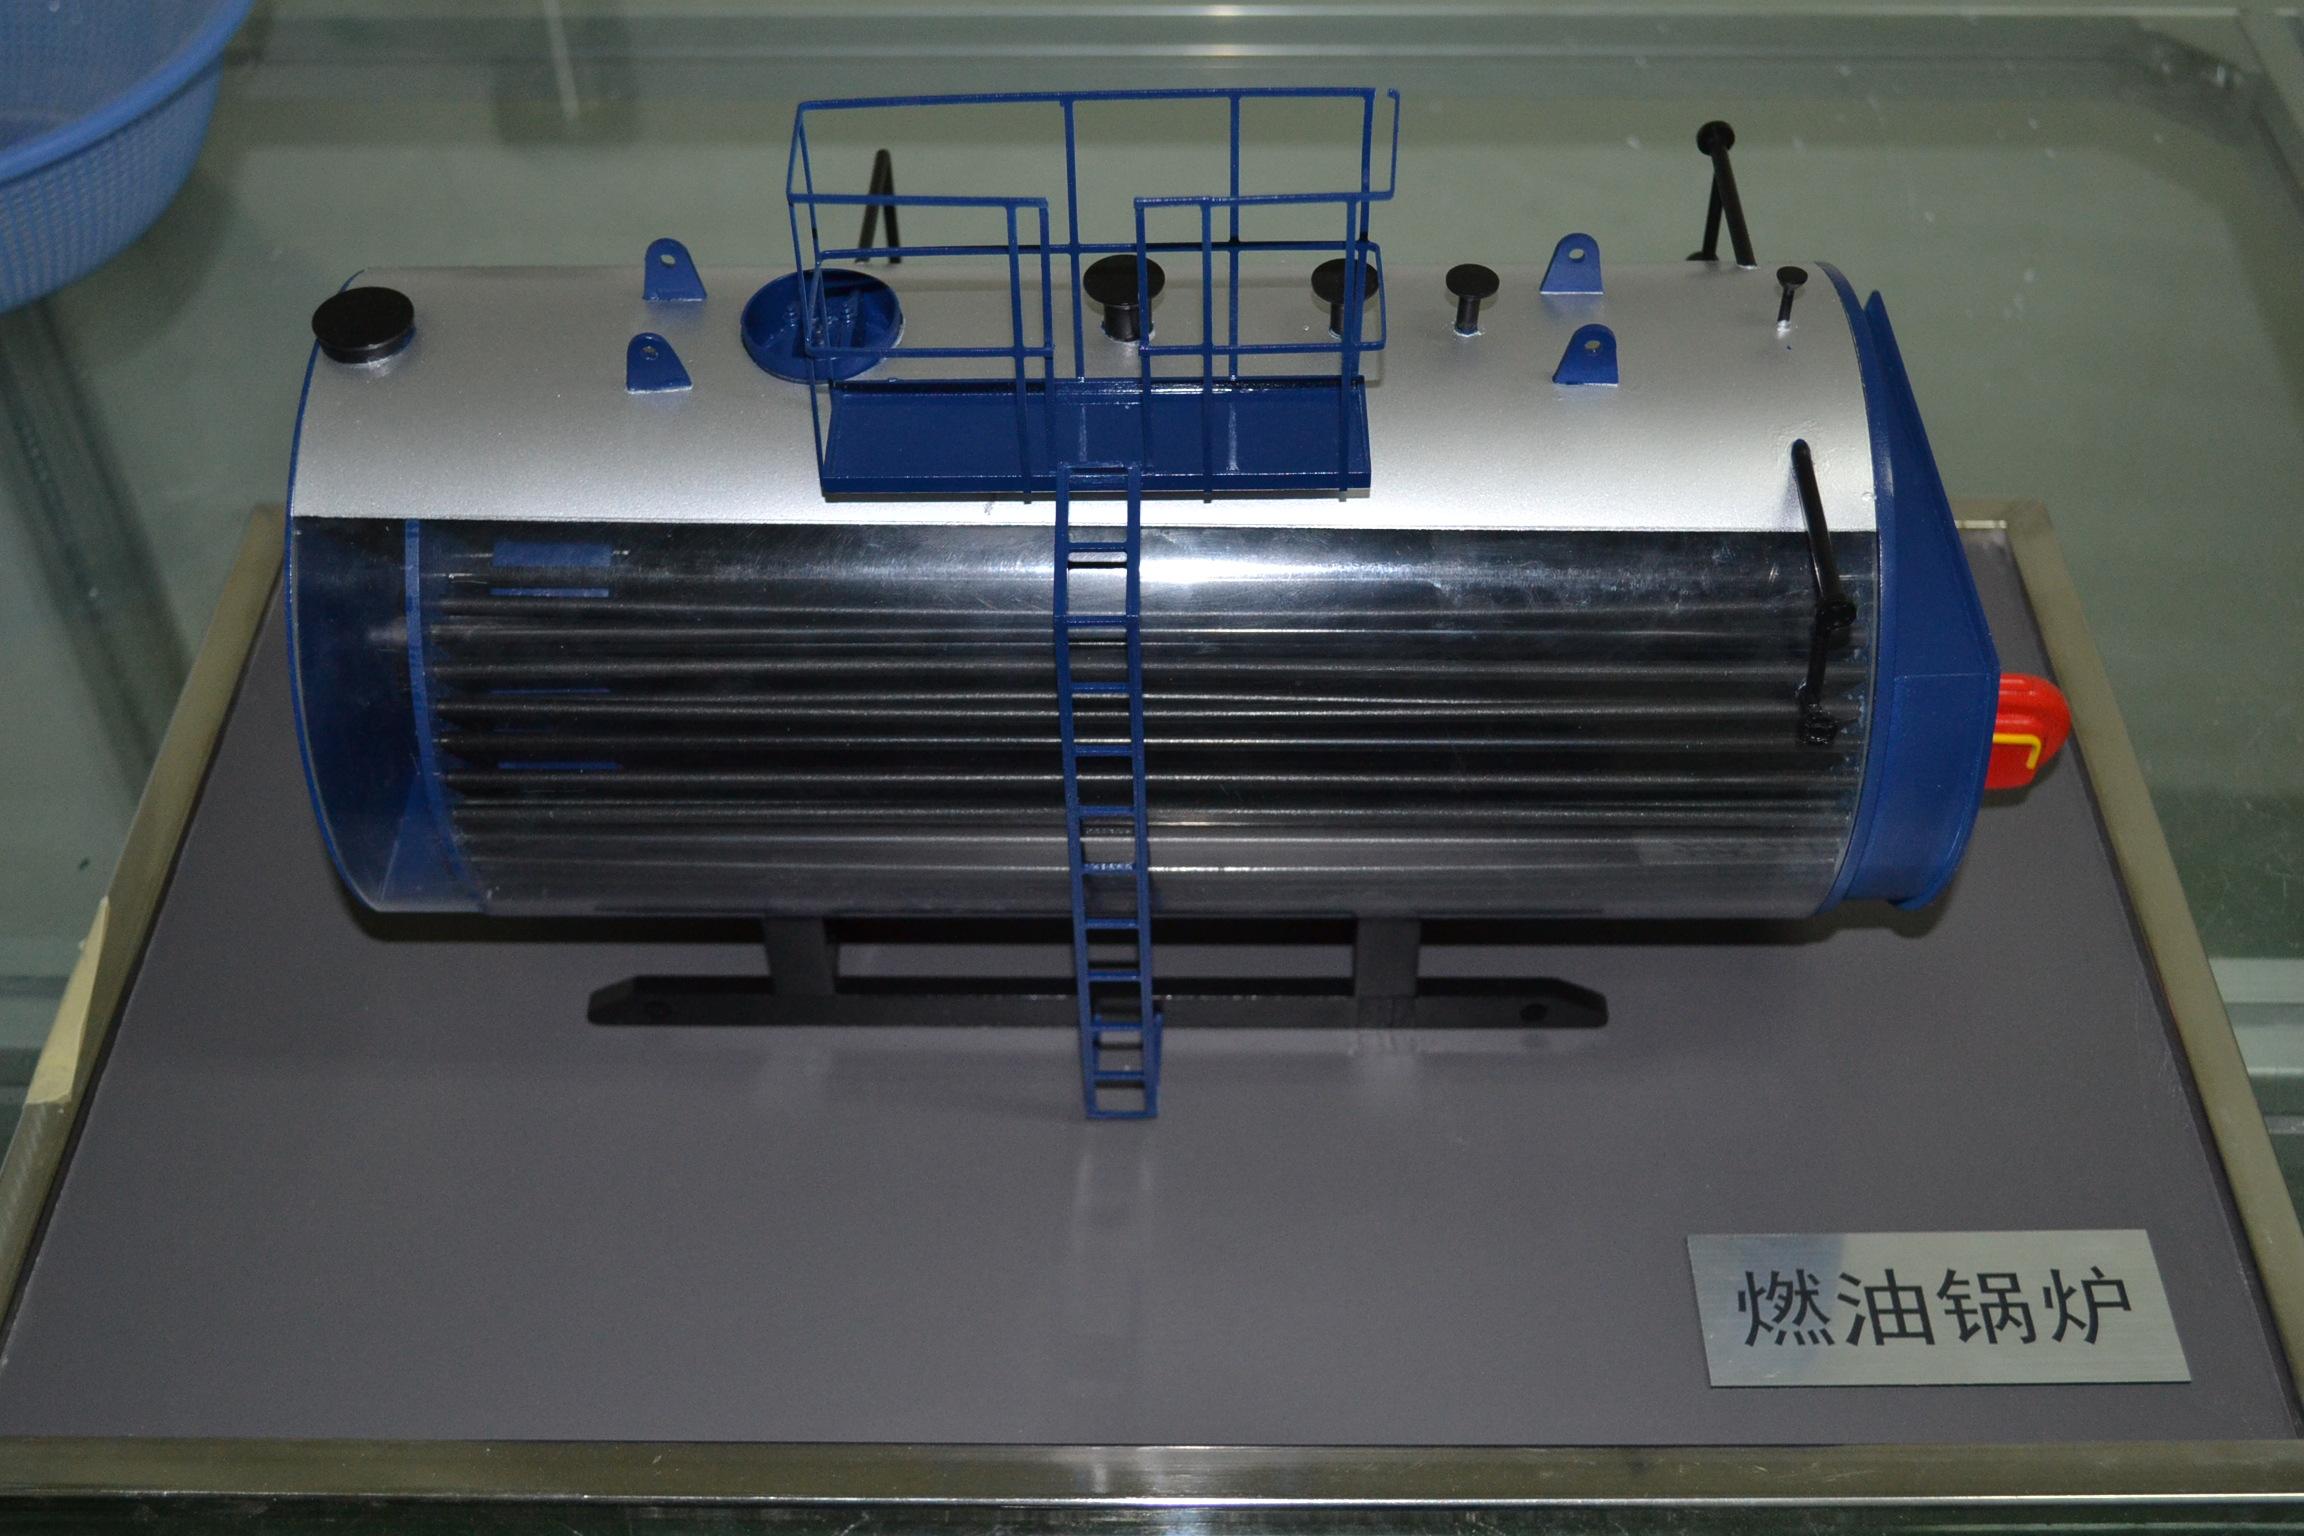 燃油锅炉模型.jpg